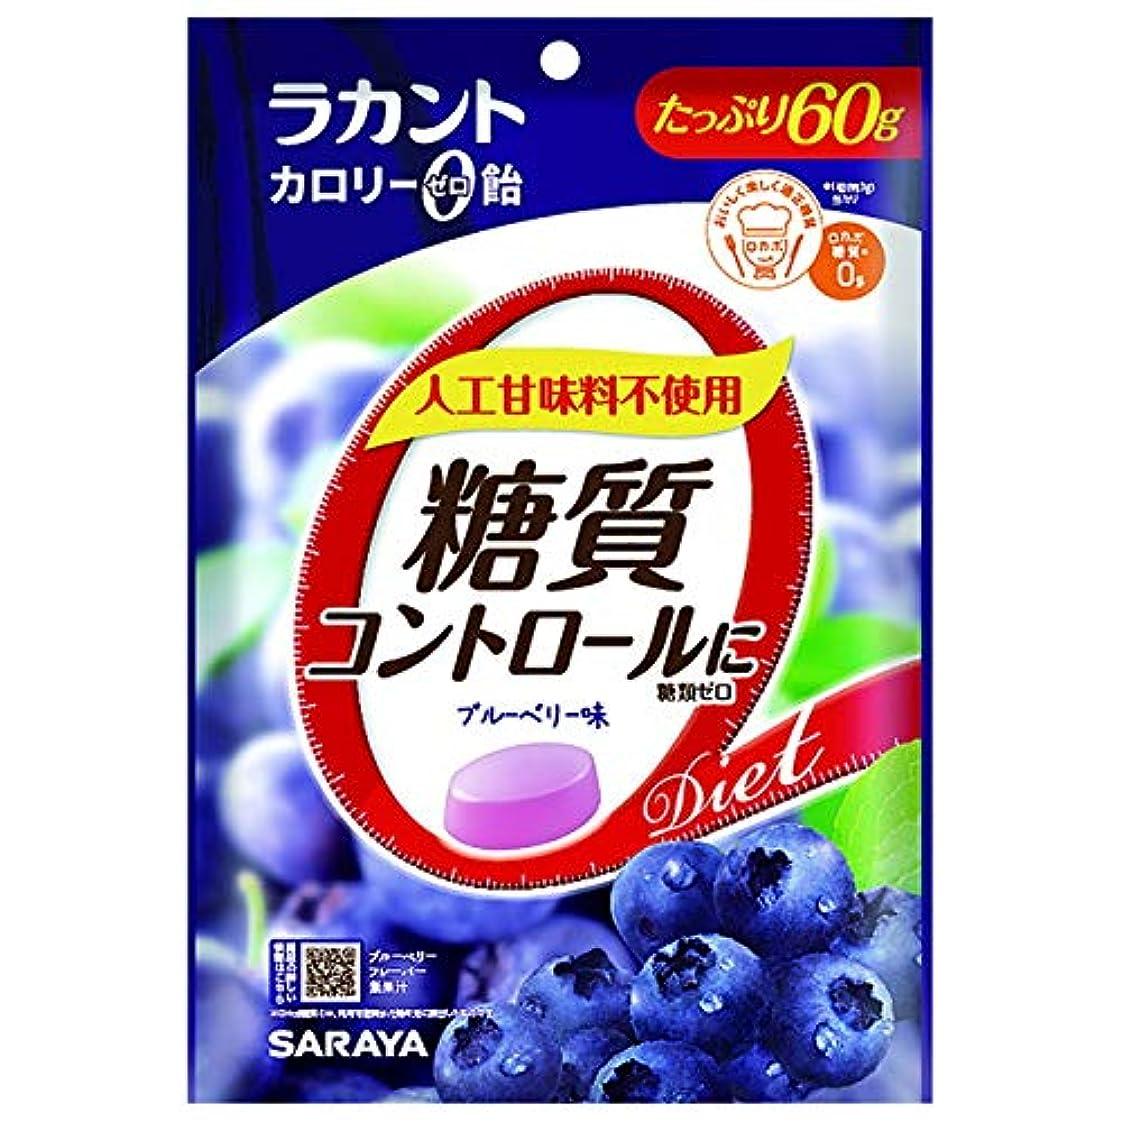 虫分岐するマトリックスラカント カロリーゼロ飴 ブルーベリー 60g【3個セット】